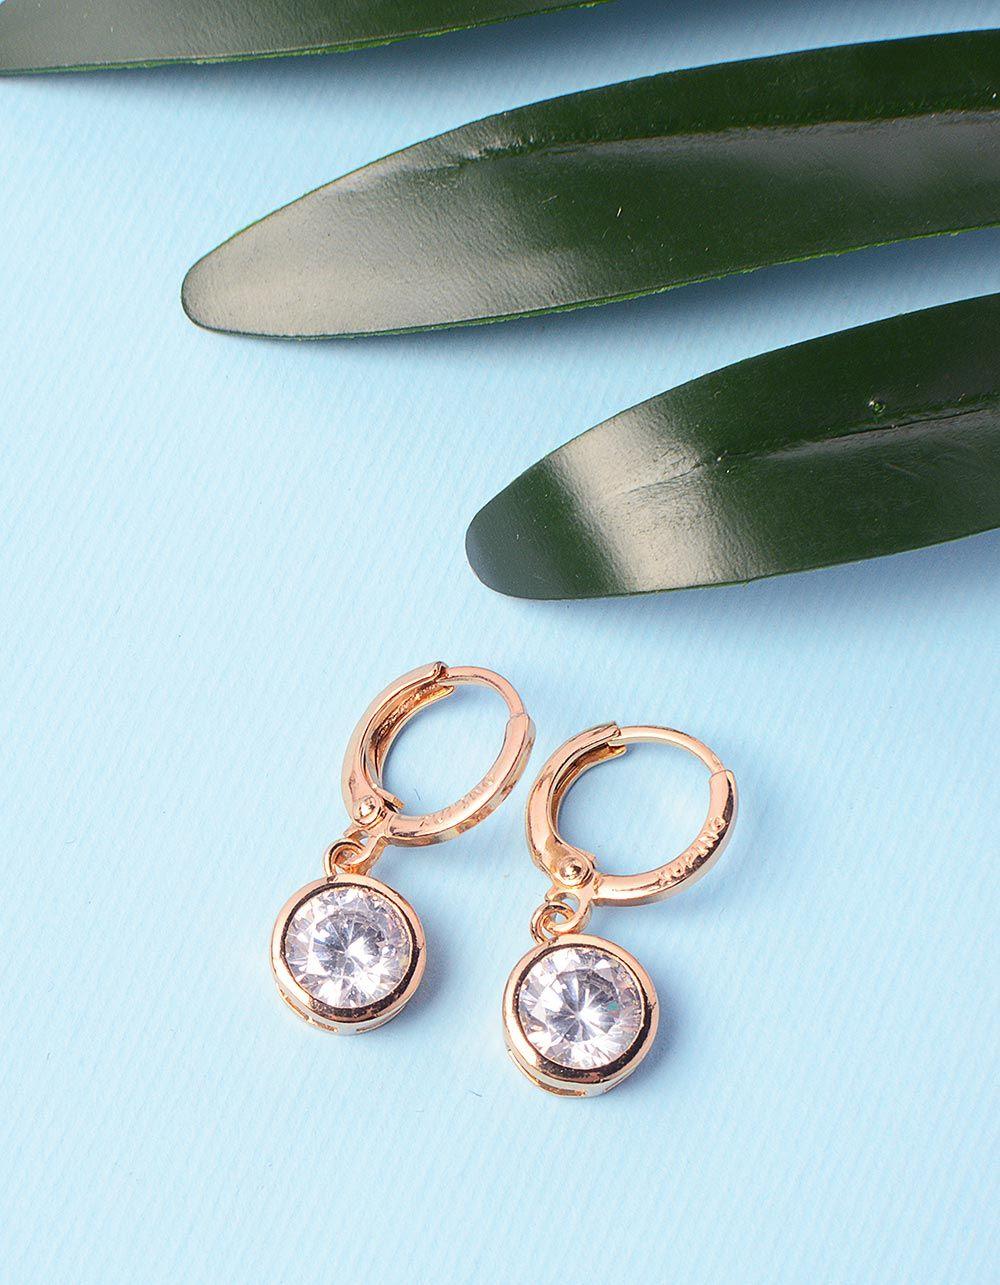 Сережки кільця з кристалами | 236172-08-XX